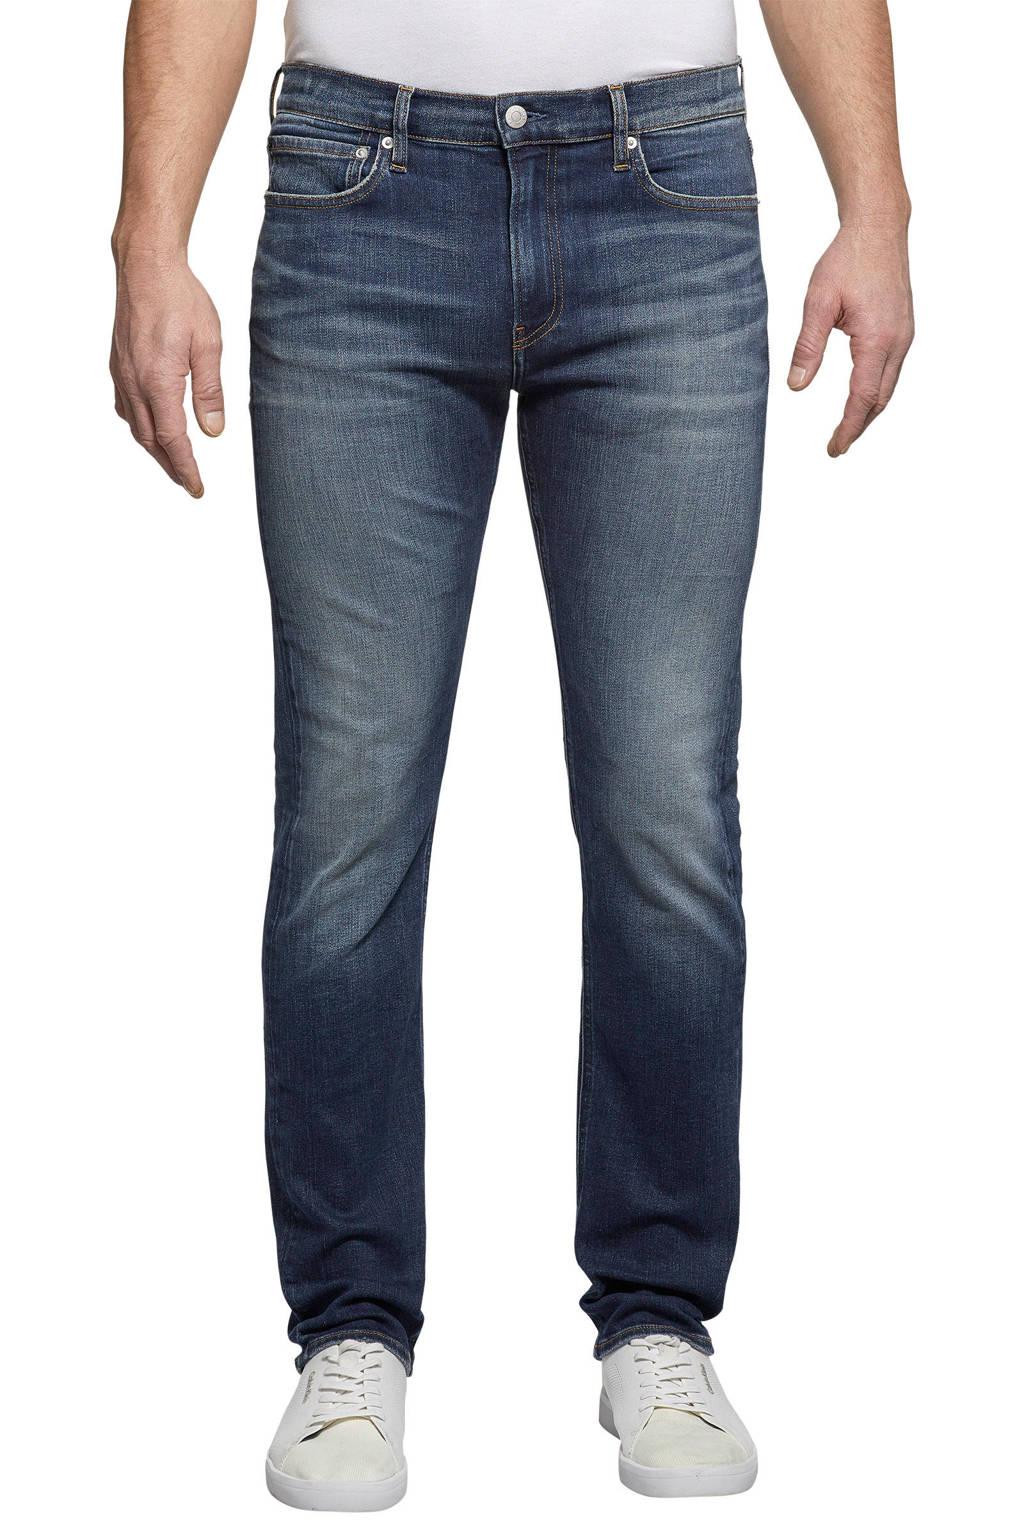 CALVIN KLEIN JEANS slim fit jeans dark blue, Dark Blue